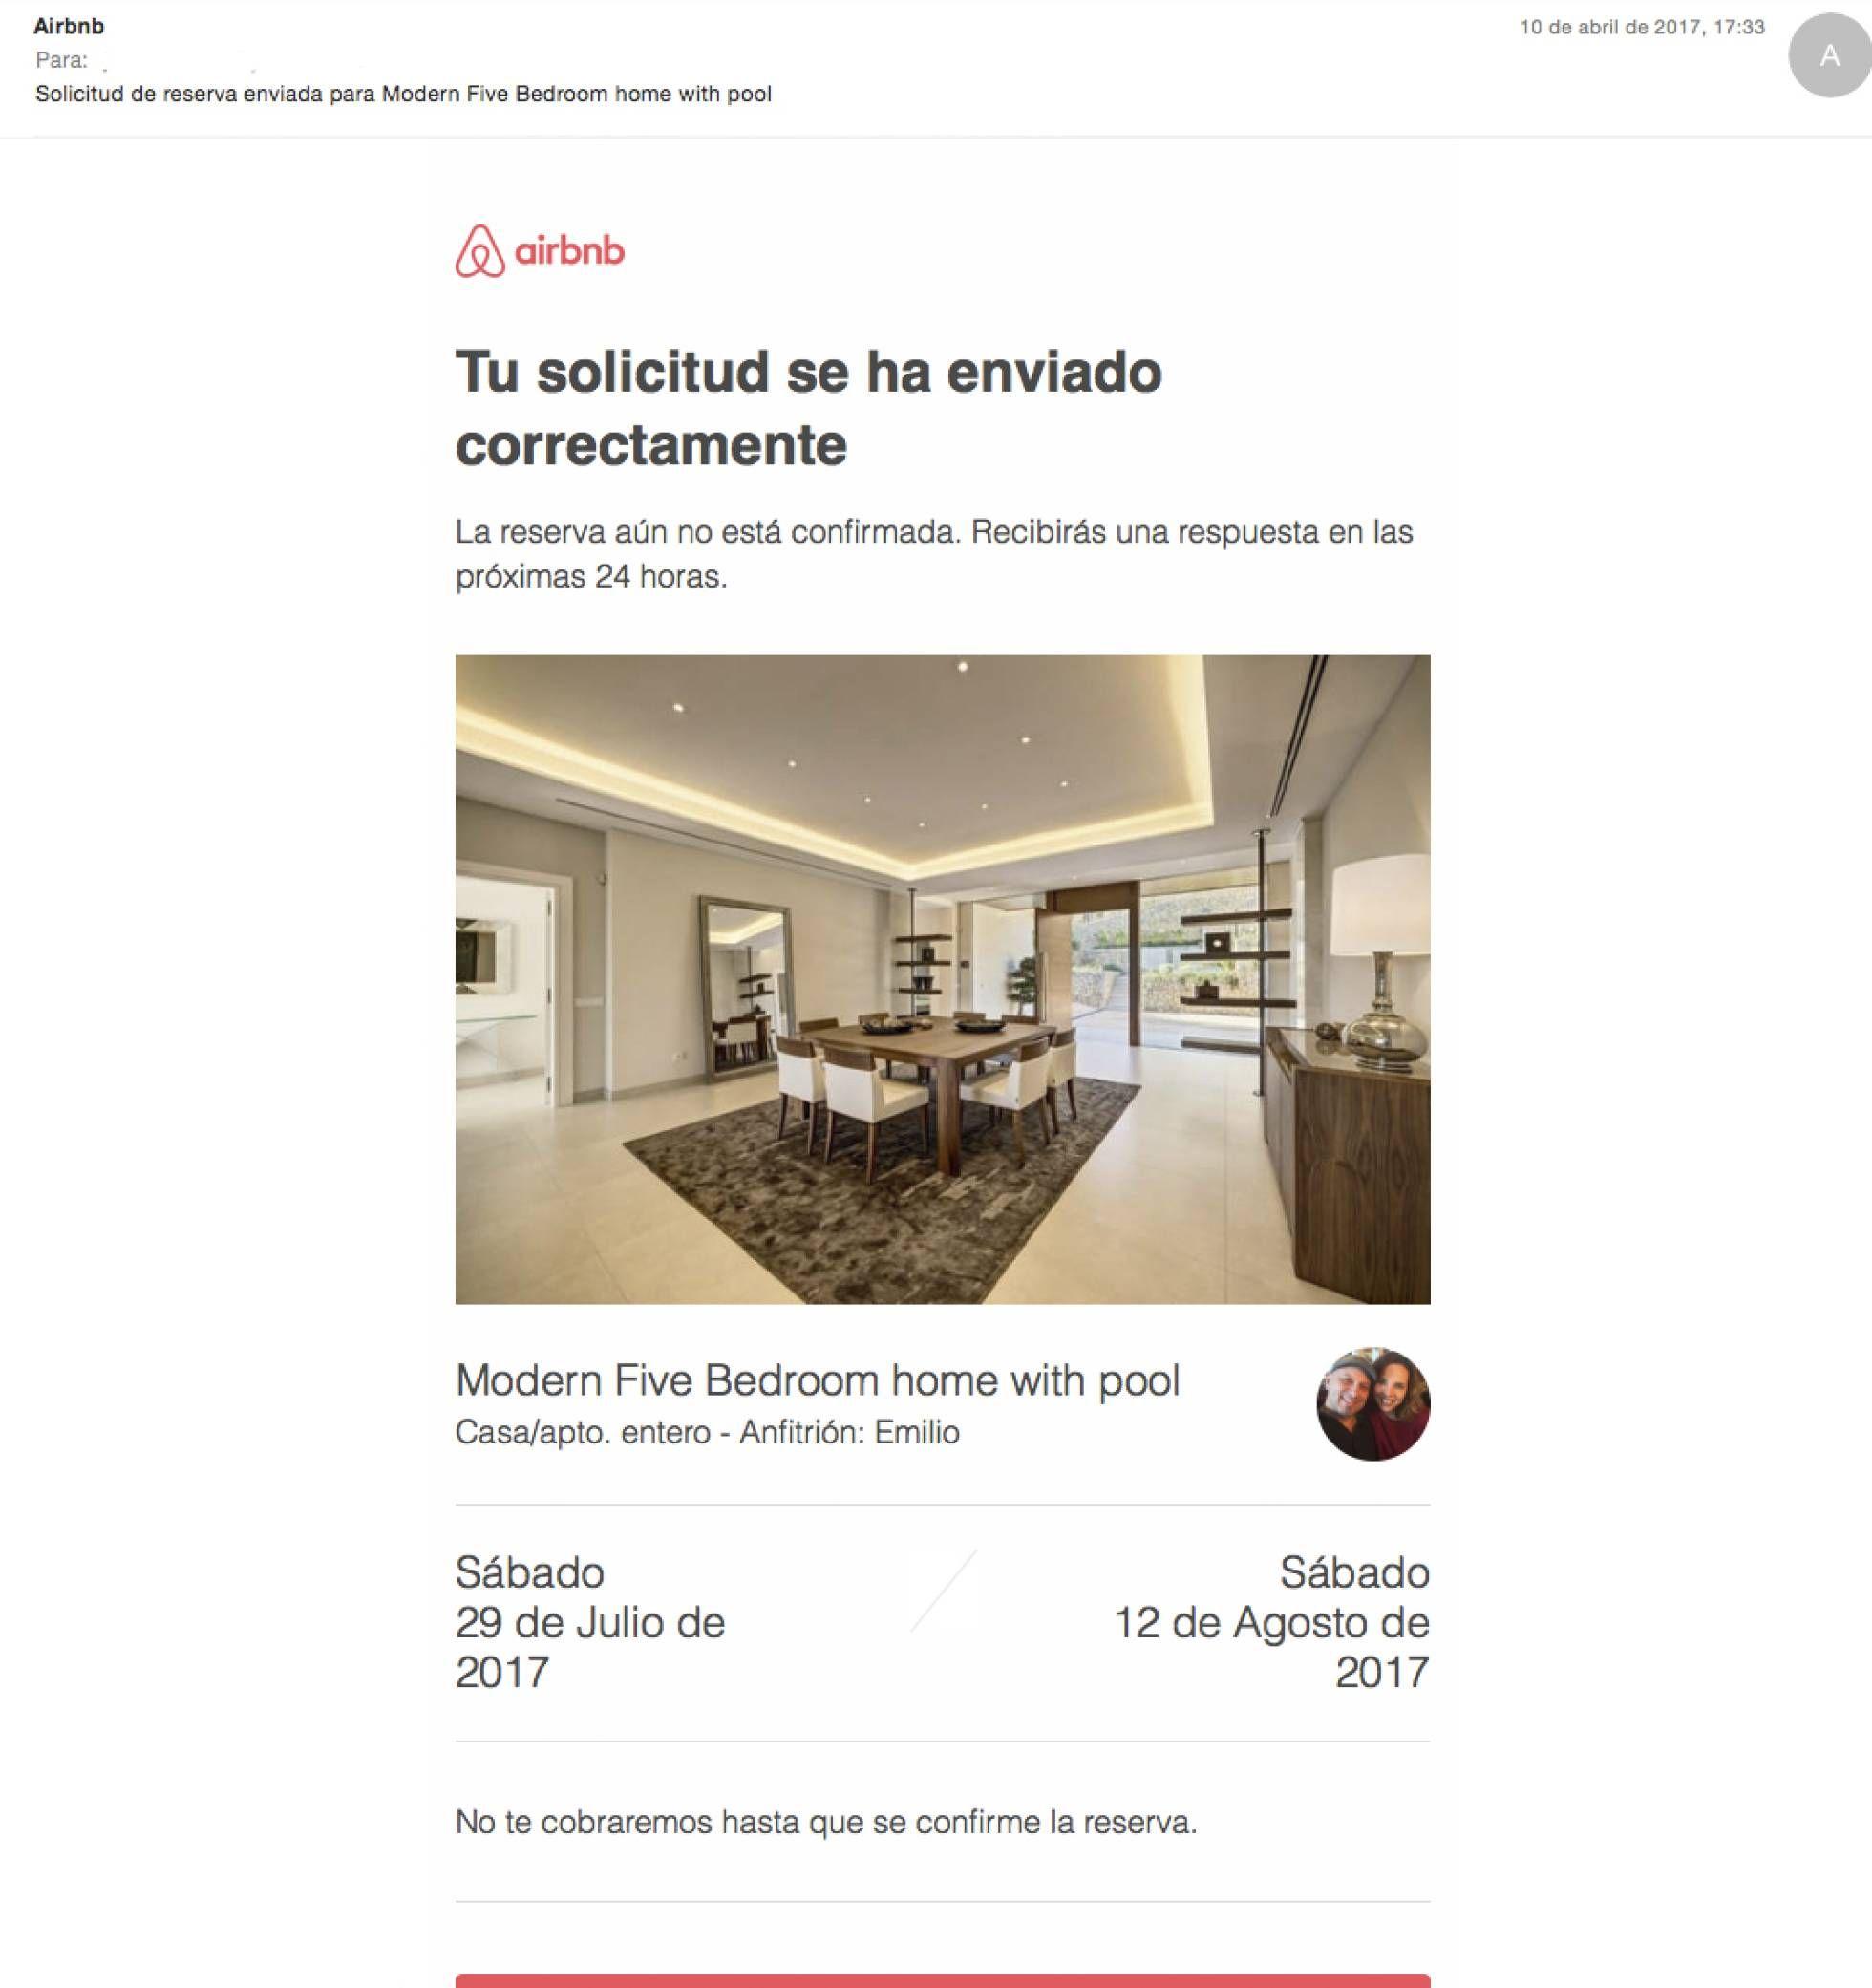 La estafa que se ha vuelto común en Airbnb 1d386dc50b48f